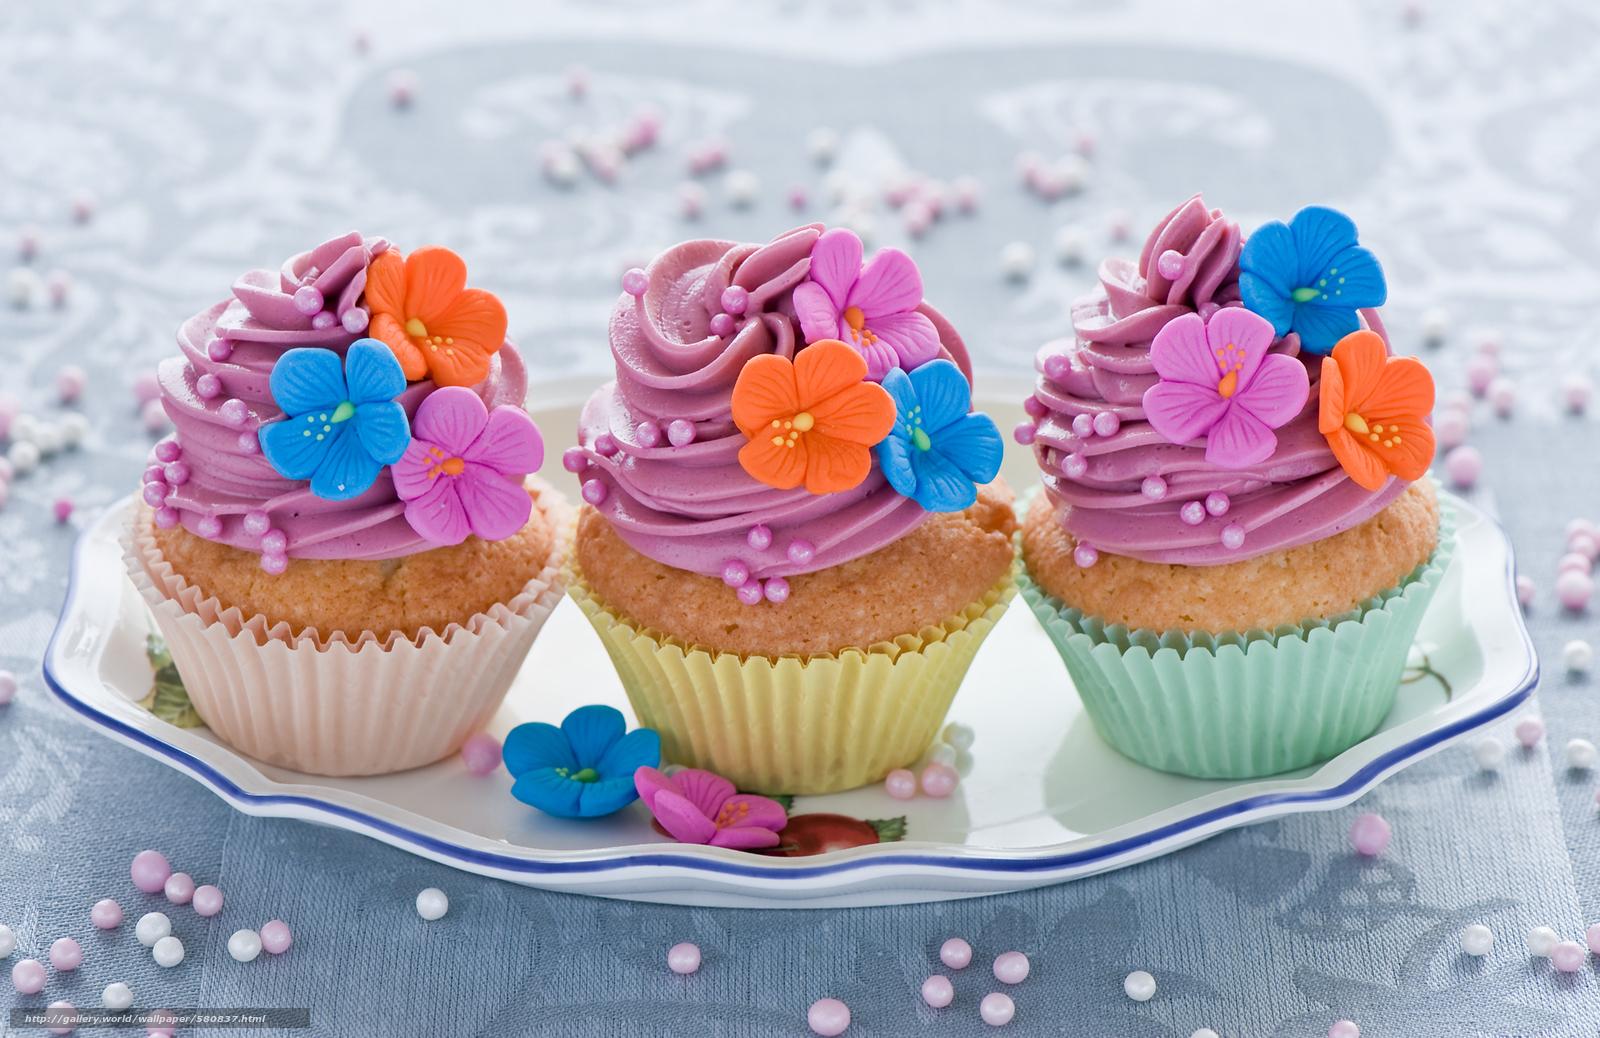 Скачать обои крем,  сладкое,  еда,  разноцветные бесплатно для рабочего стола в разрешении 2000x1298 — картинка №580837